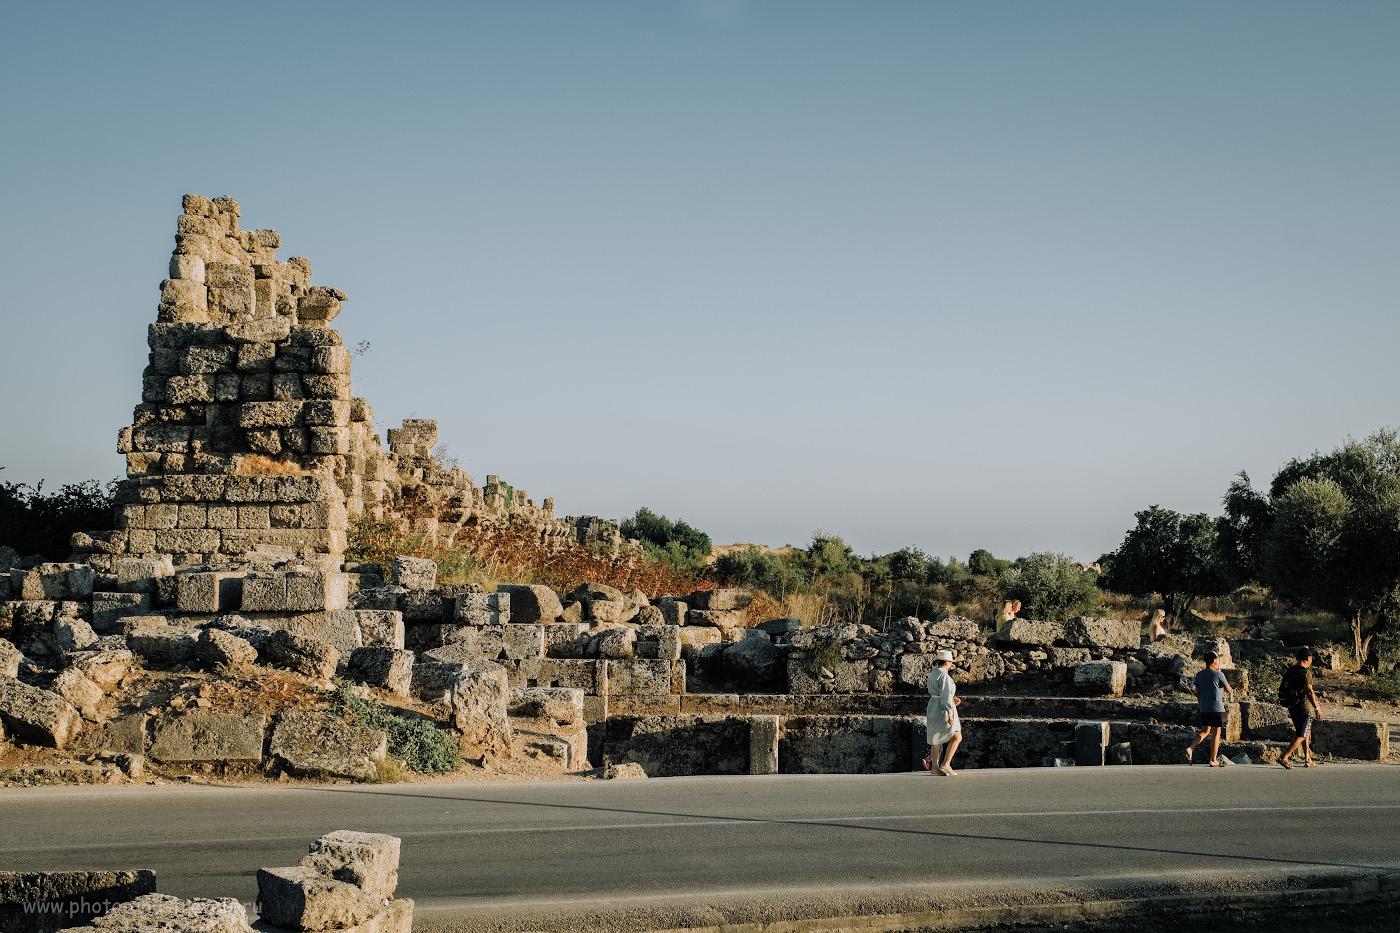 5. Городская стена около нимфеума в Сиде. Как мы съездили в Турцию с маленьким ребенком самостоятельно. 1/220, 8.0, 200, +0.33, 34.